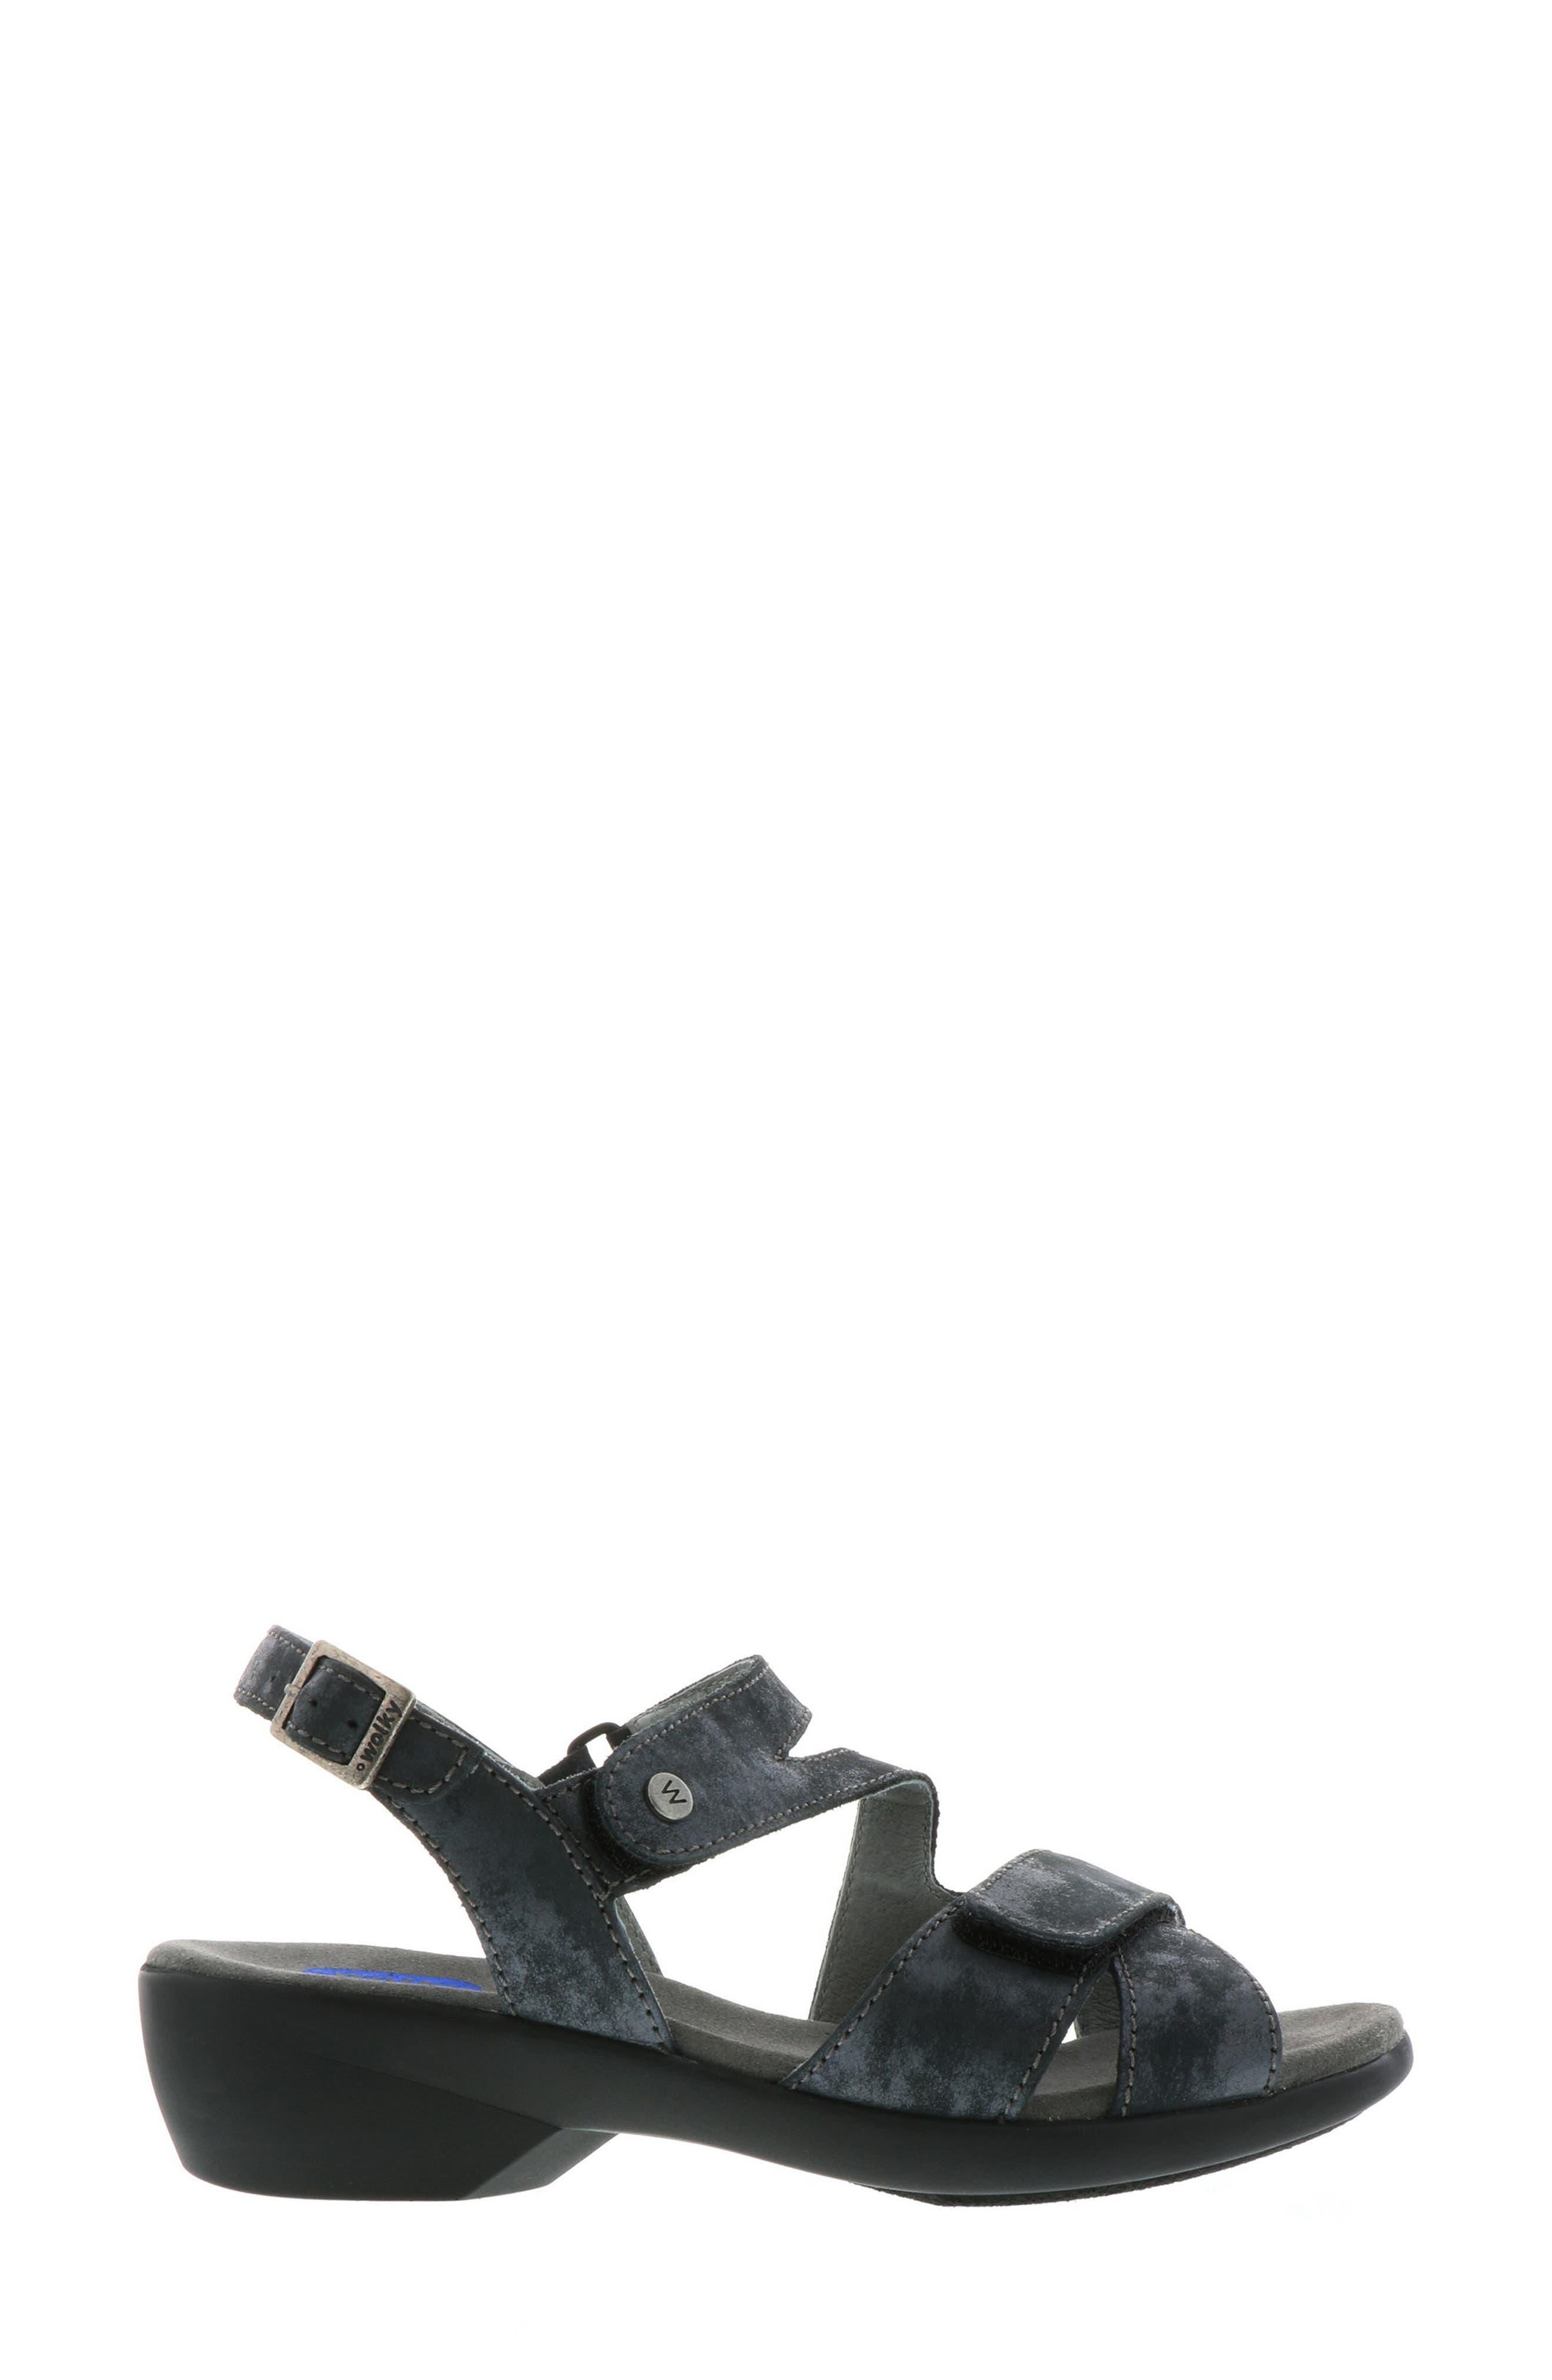 Fria Sandal,                             Alternate thumbnail 3, color,                             Black Nubuck